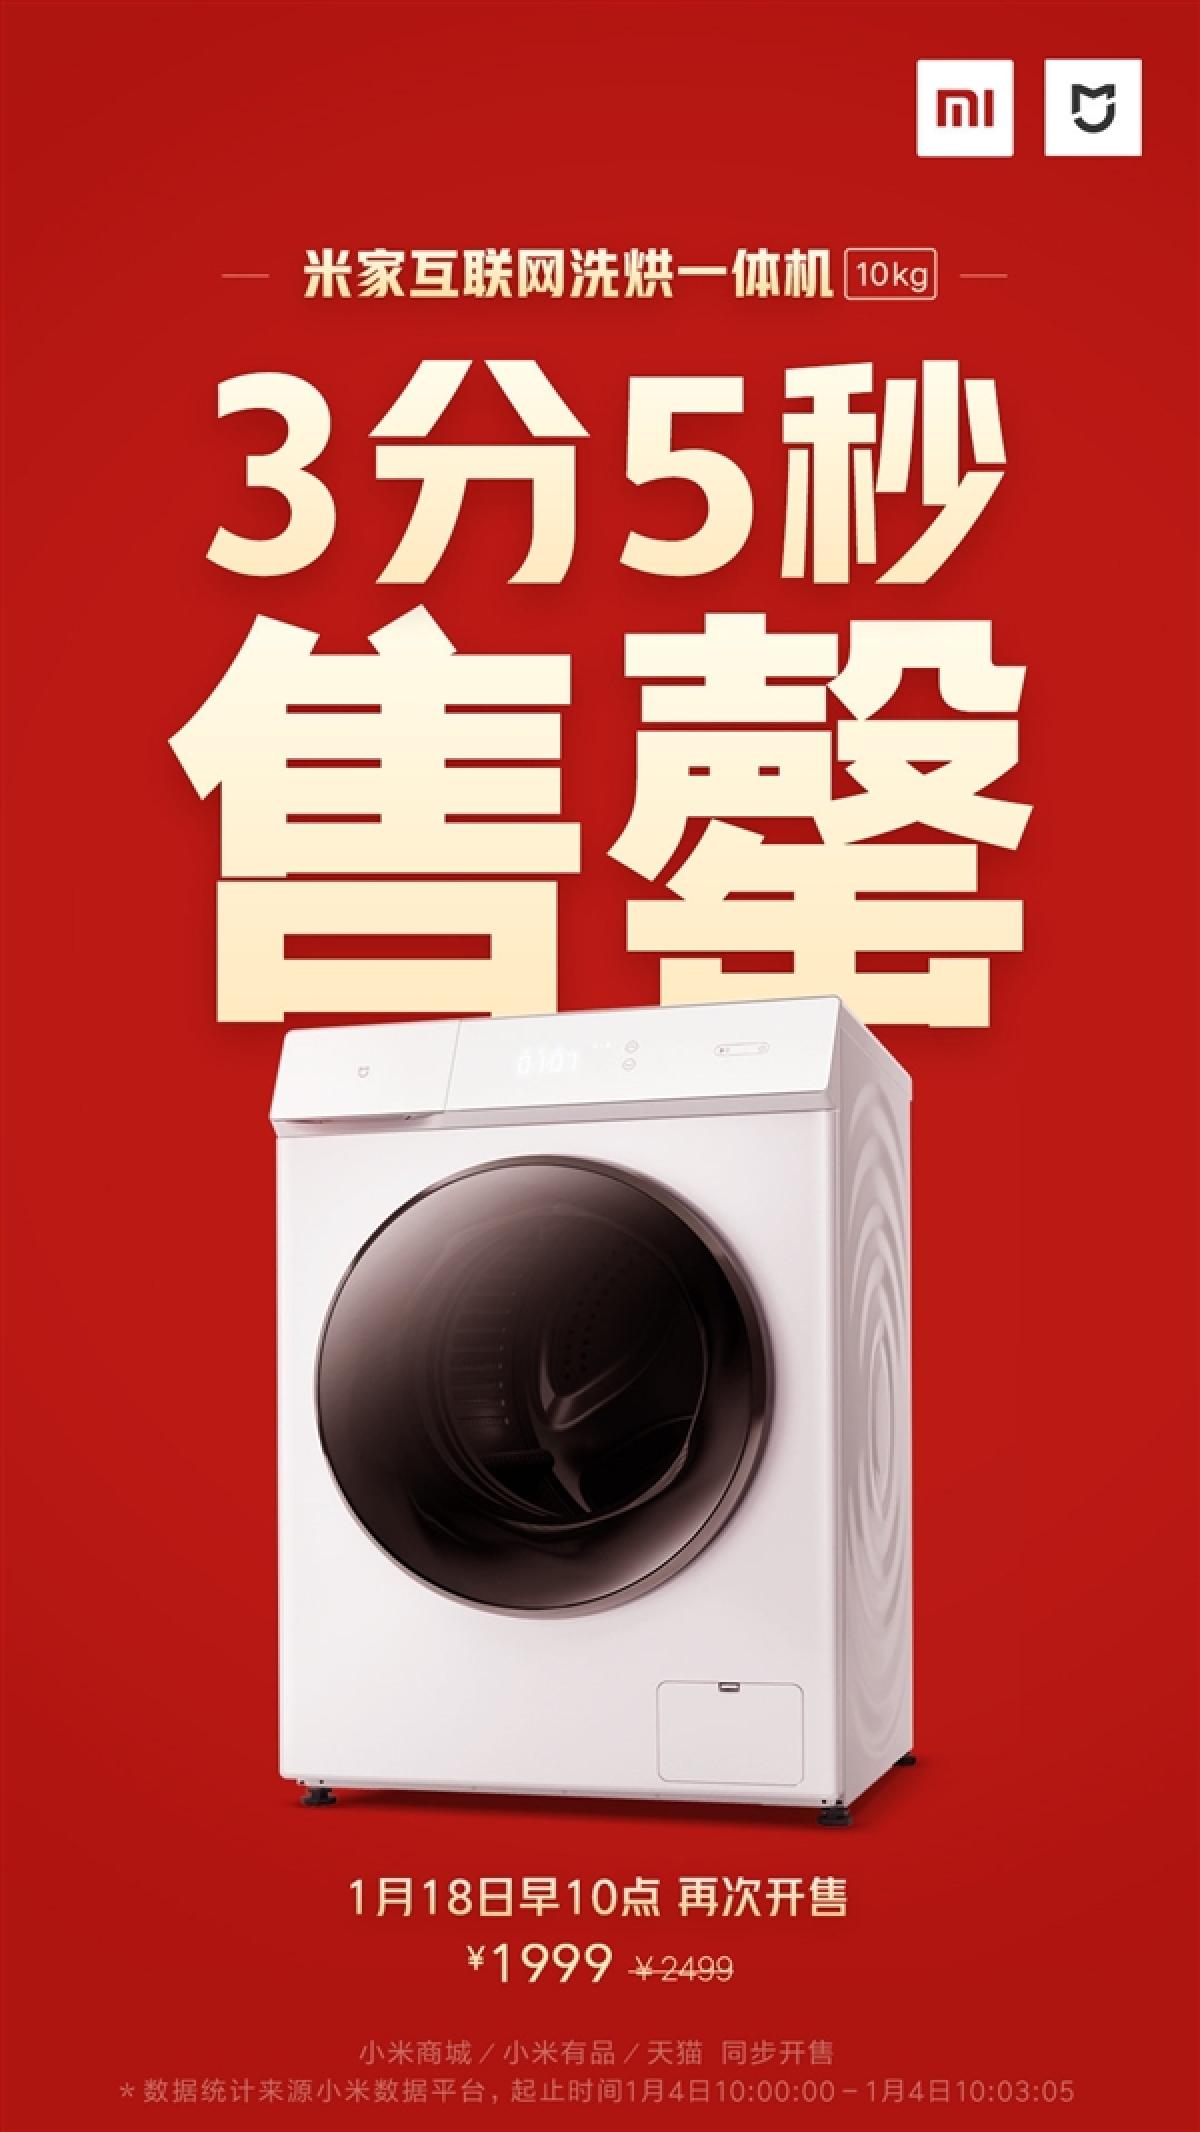 А последней каплей стало акционное предложение Xiaomi